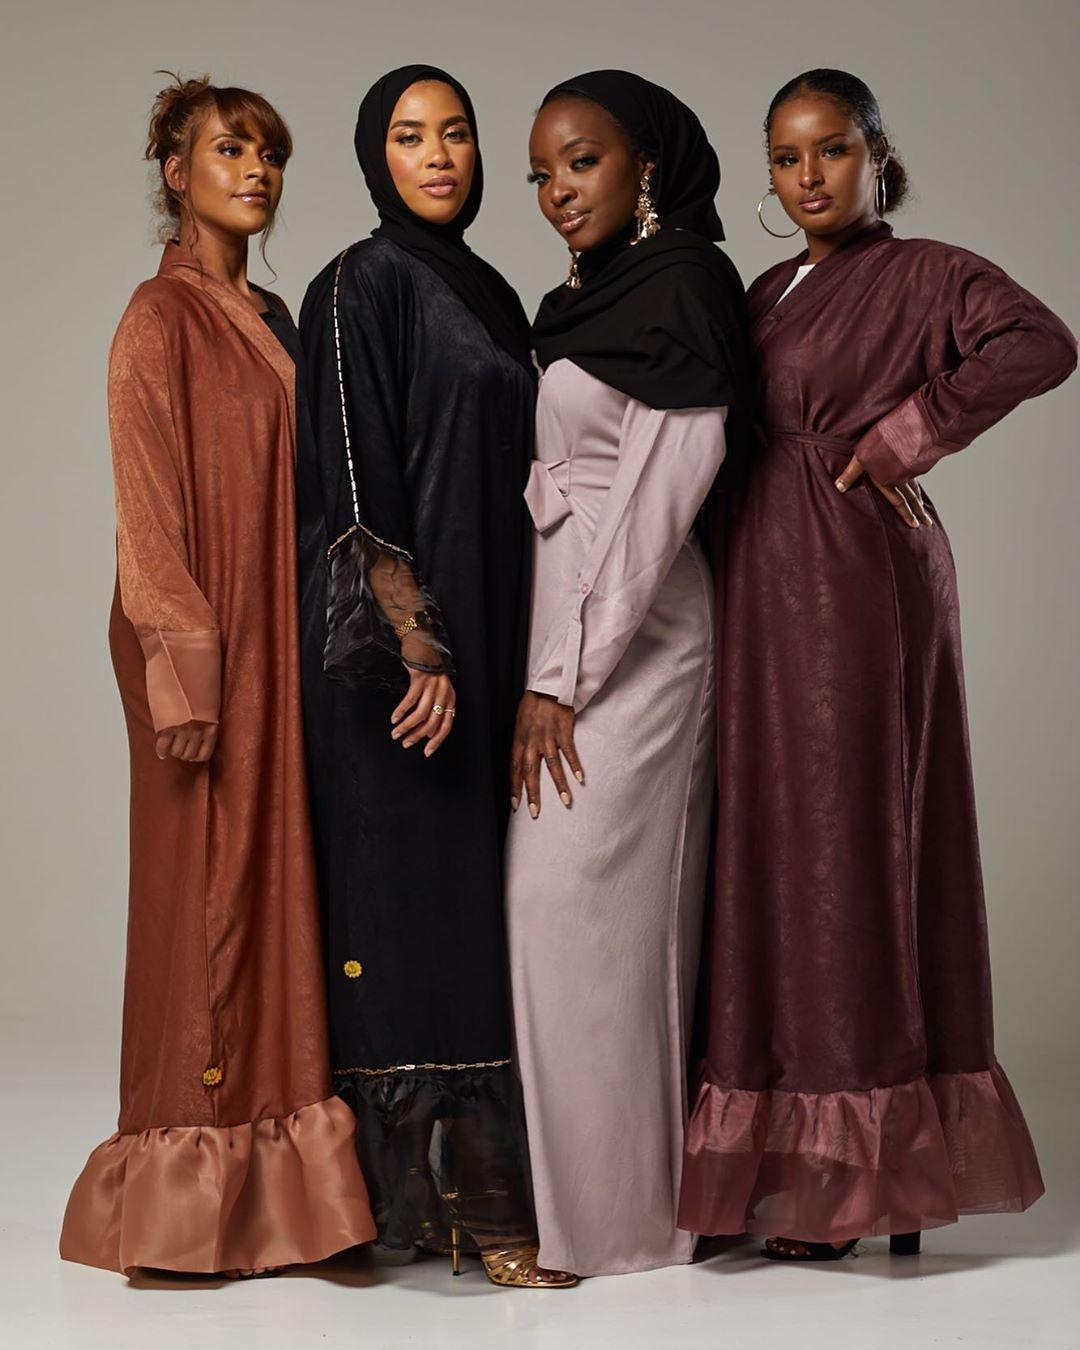 Mana Mumin Black Bridal Makeup Artist London - Muslimah Pro MUA